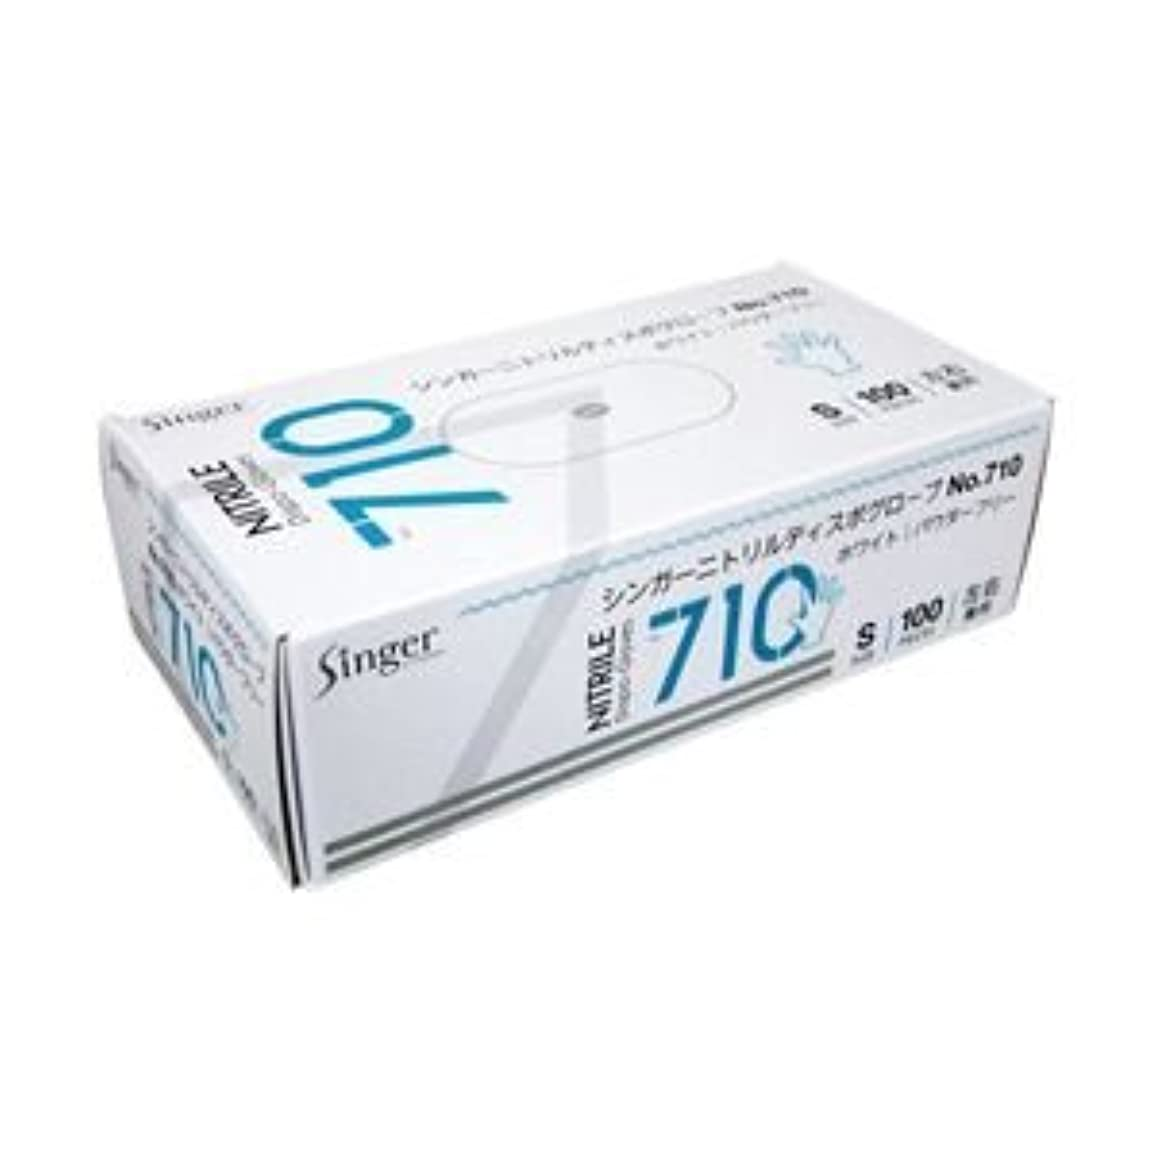 軸ヒープスティック宇都宮製作 ニトリル手袋710 粉なし S 1箱(100枚) ×5セット